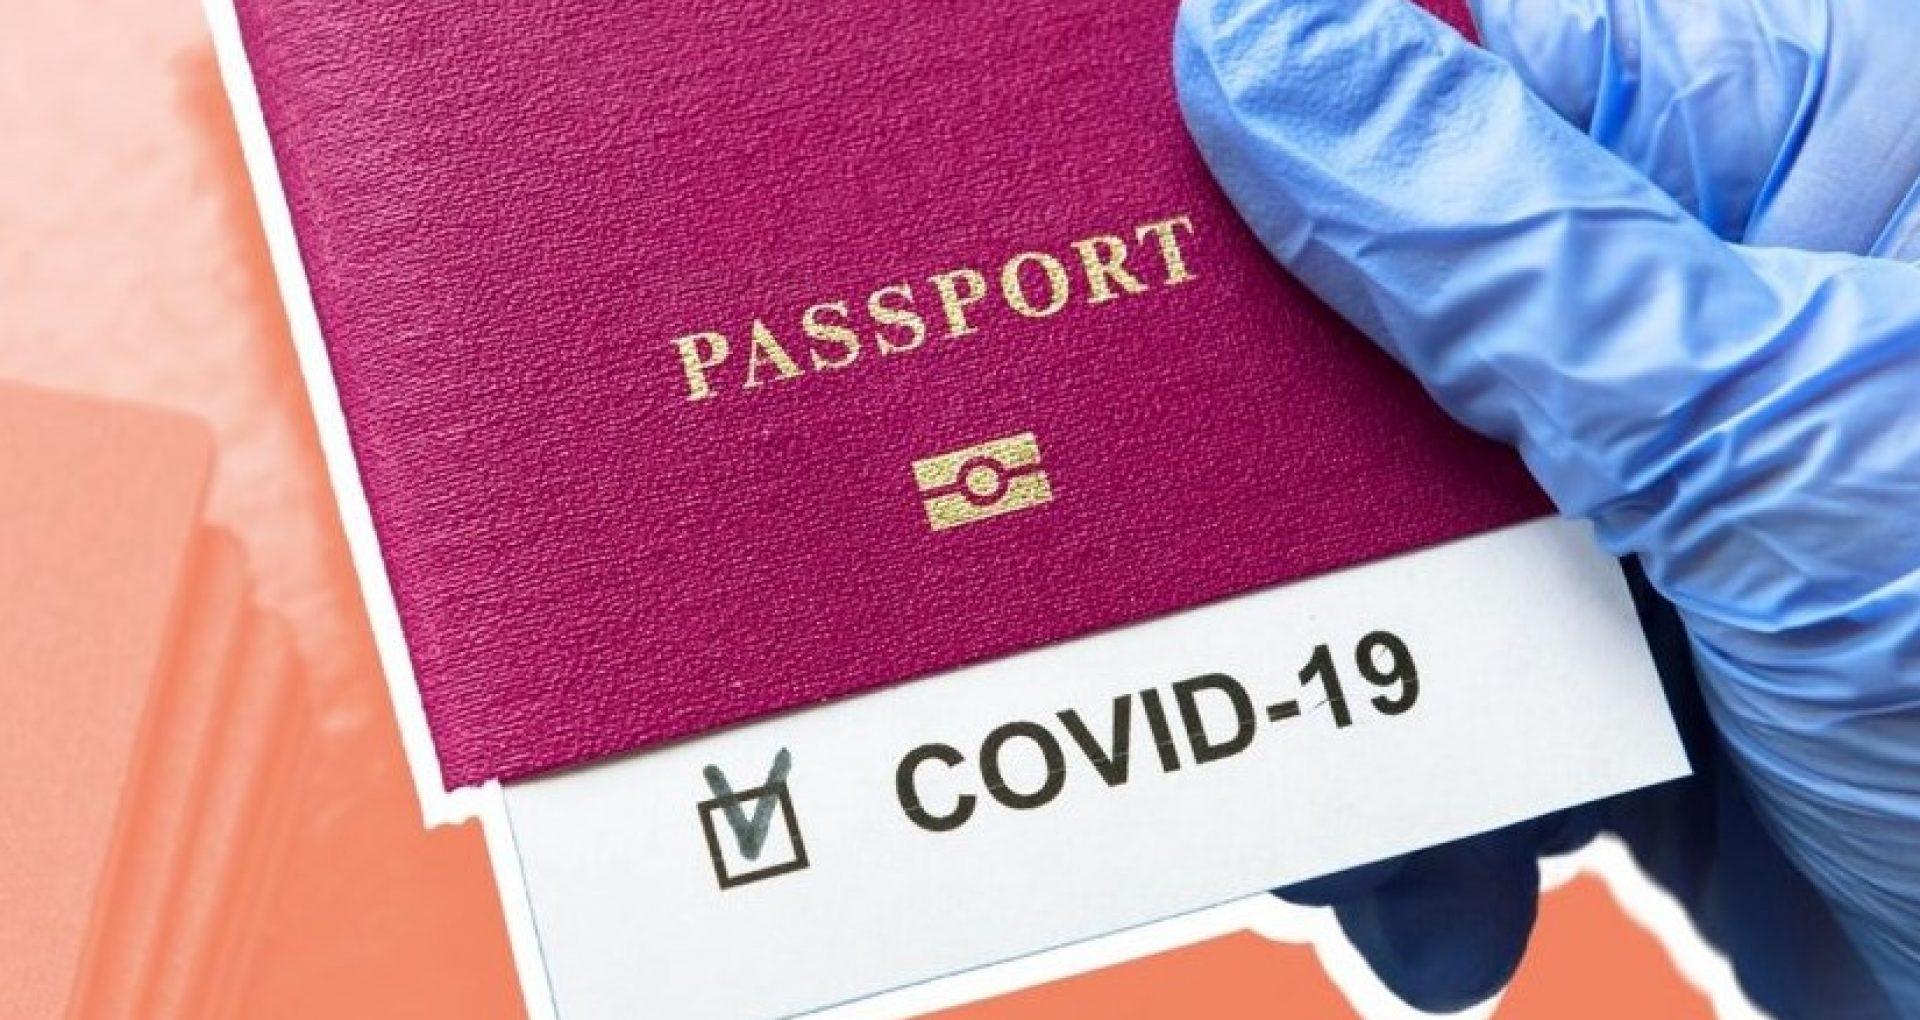 Foto: Țările care recunosc certificatele de vaccinare Covid-19 emise de Republica Moldova